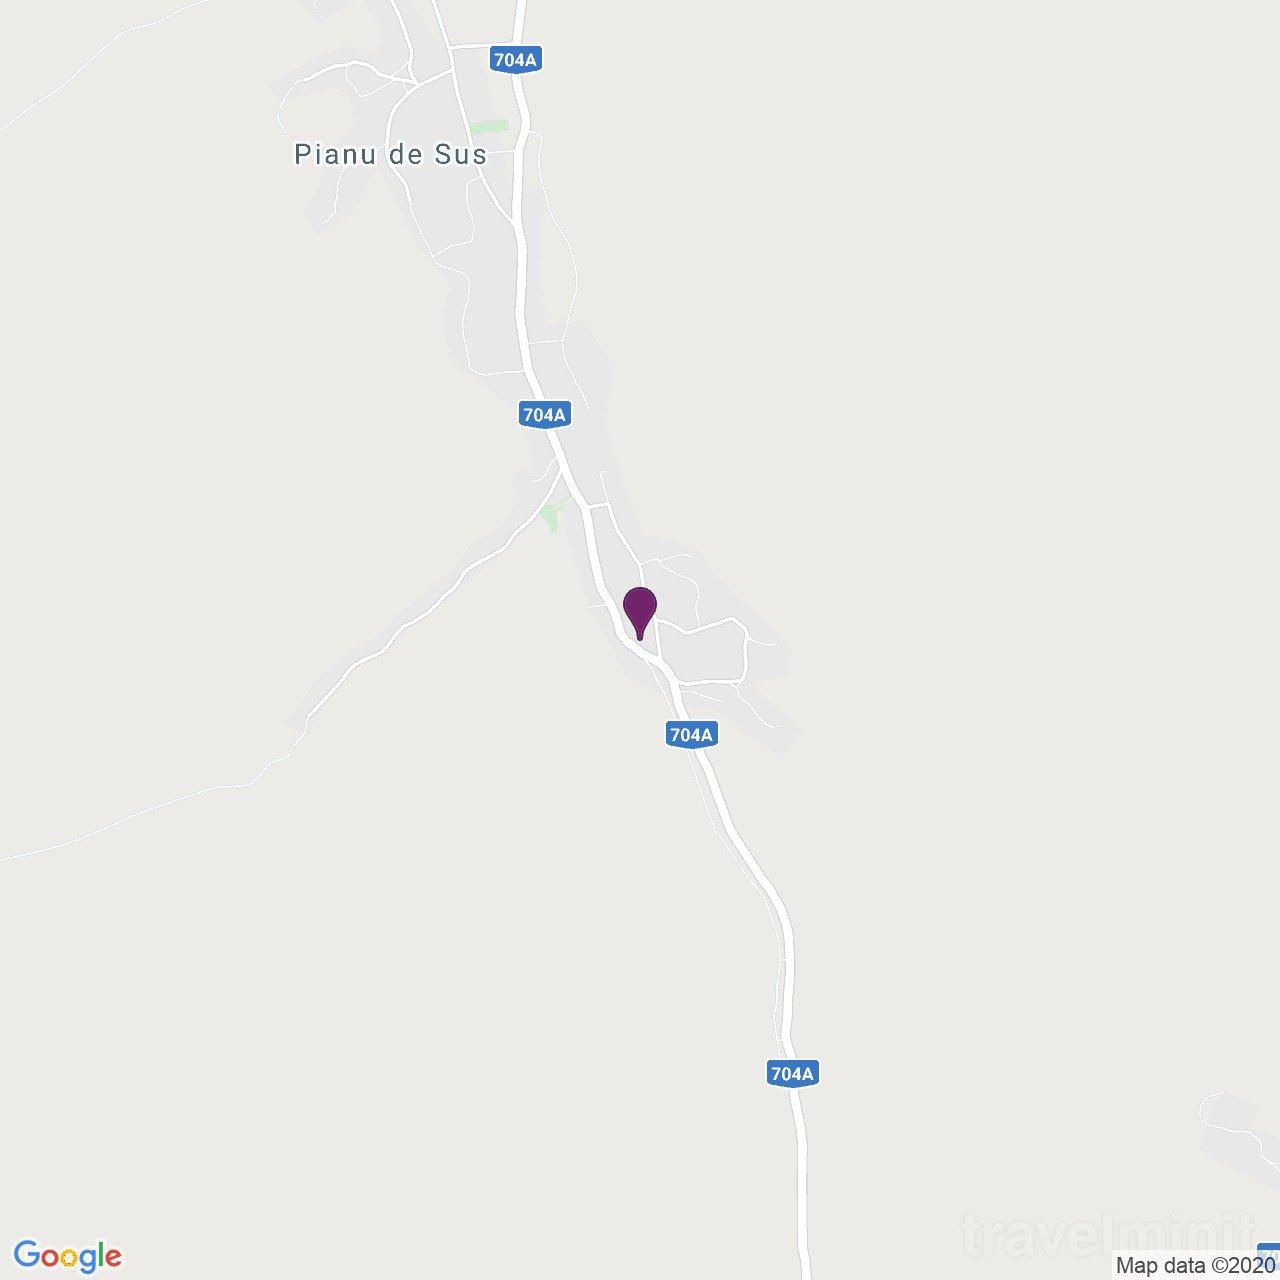 Casa Artemis Pianu de Sus